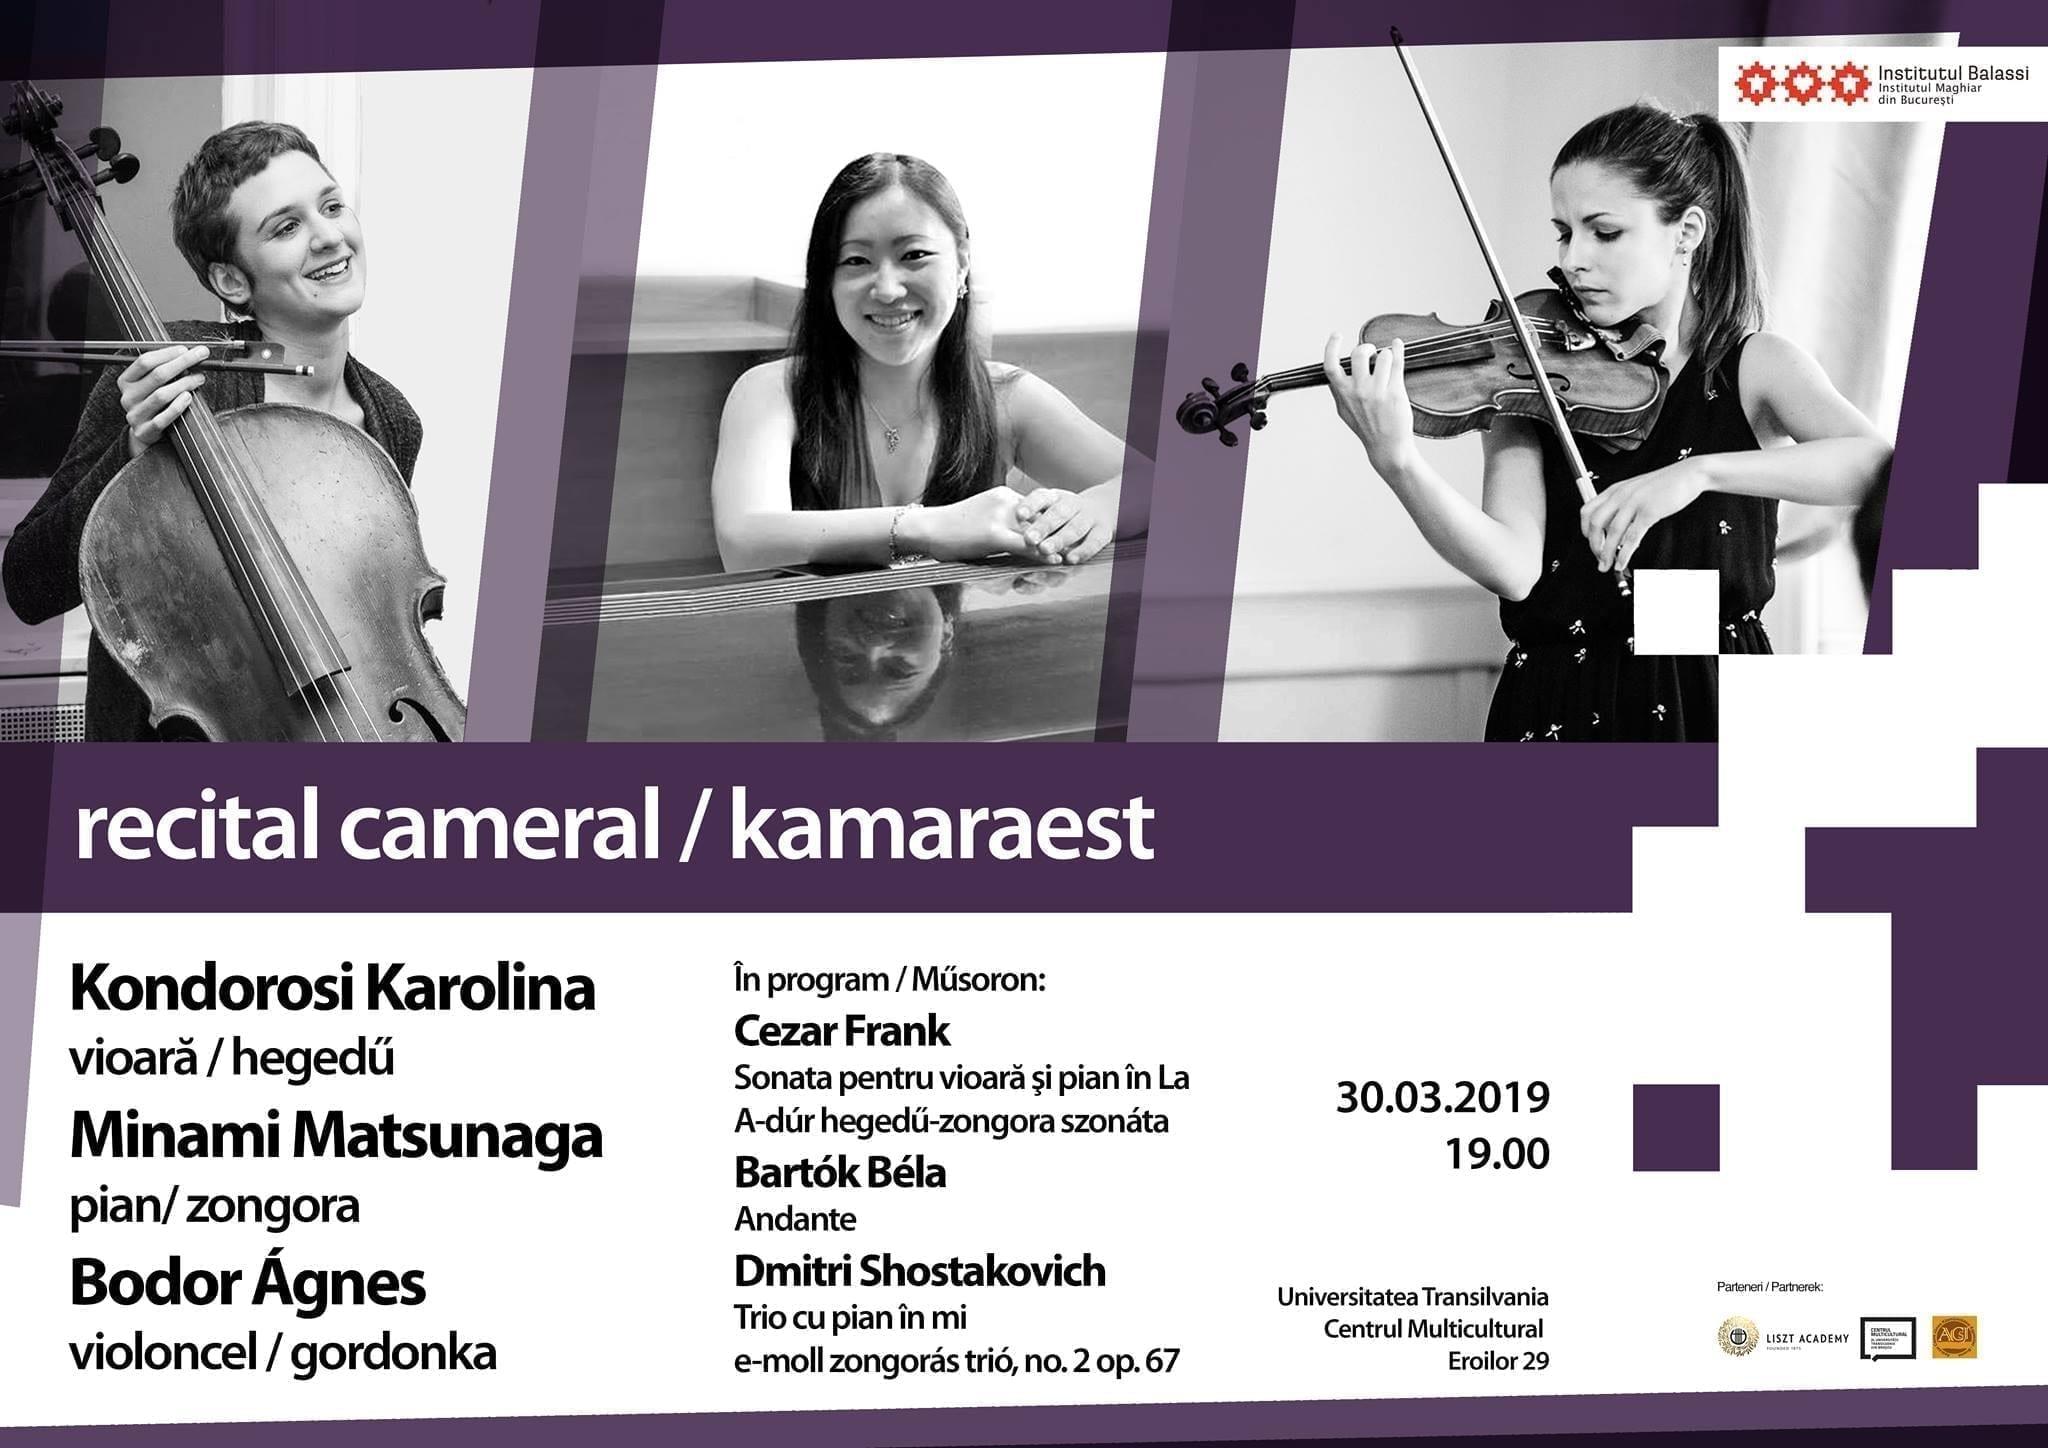 Recital cameră - Centrul Multicultural al Universității Transilvania din Brașov